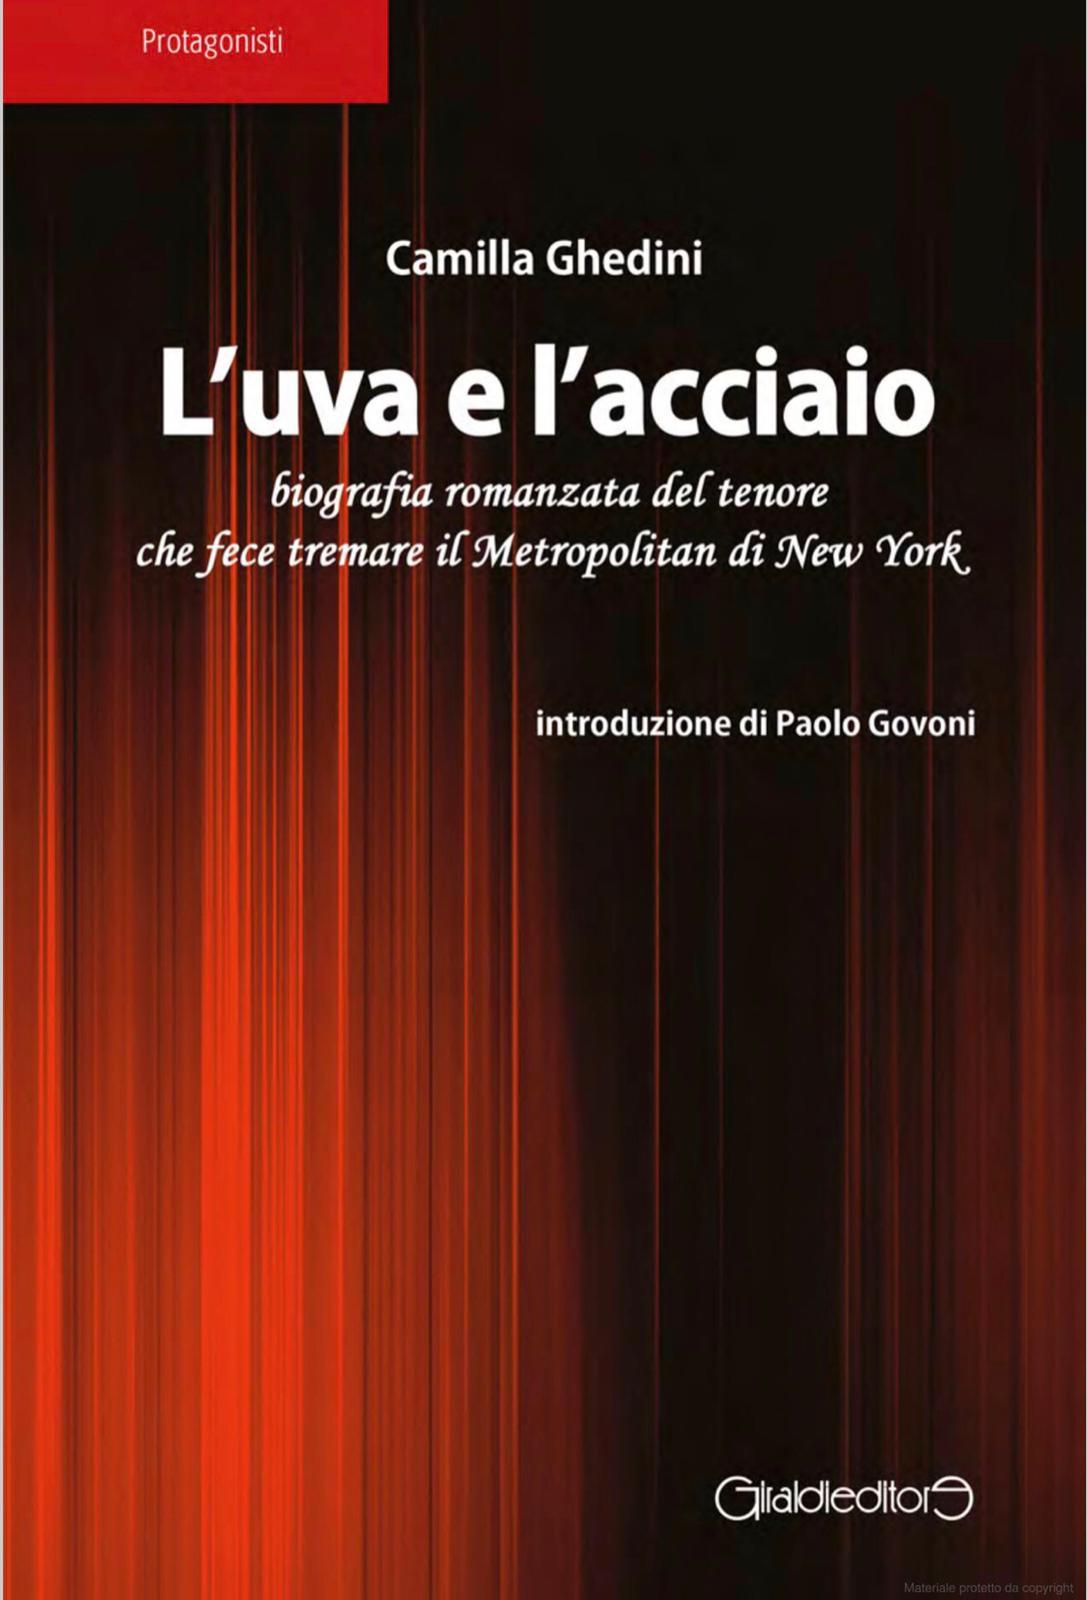 Copertina del libro L'uva e l'acciaio (Giraldi Editore)